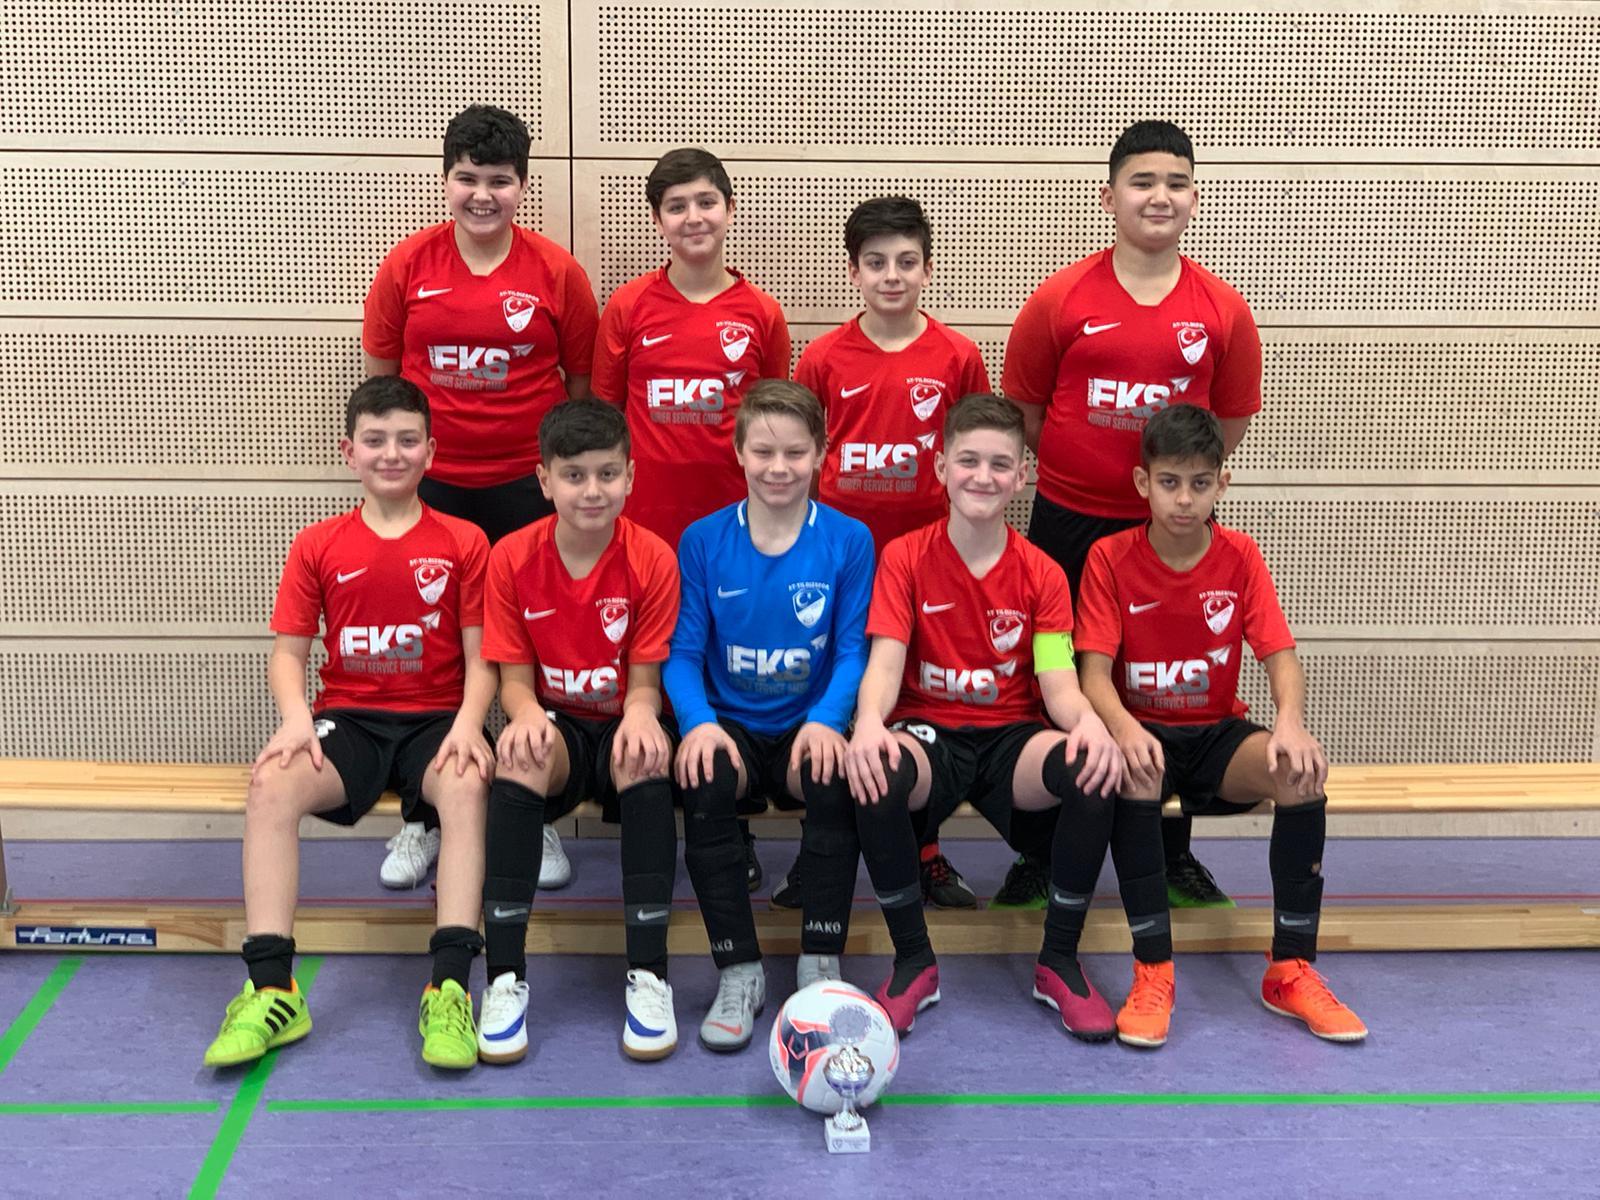 D2-Junioren erreichen erneut den 1. Platz